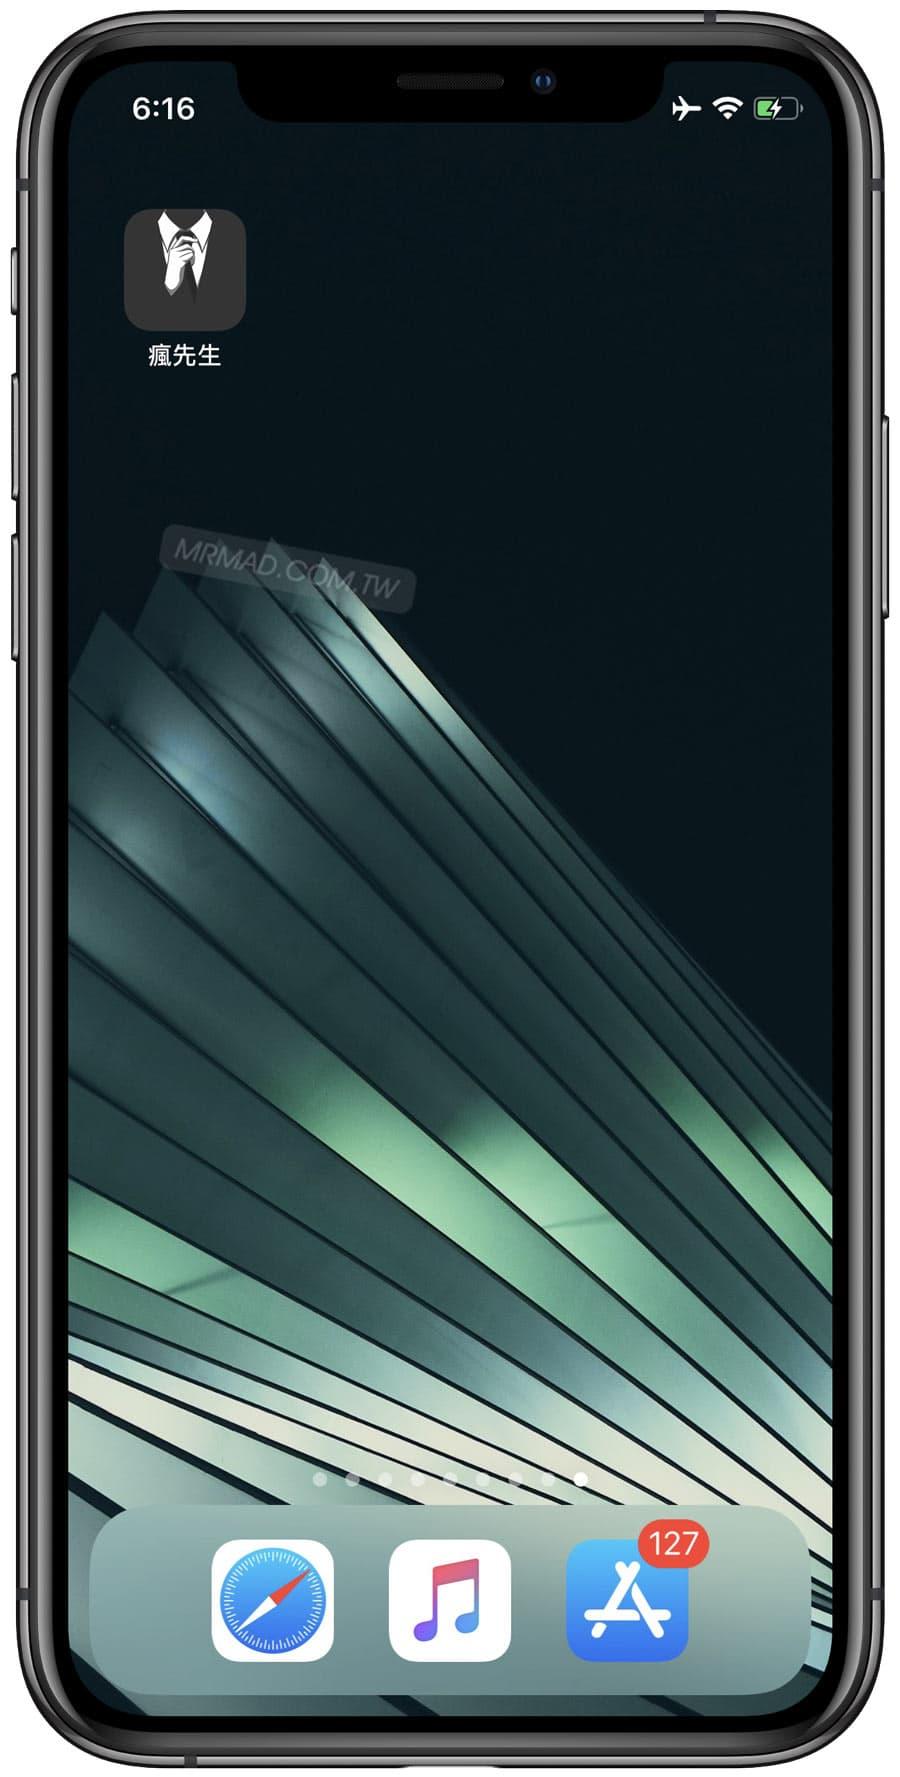 如何刪除Checkra1n越獄工具方法,讓iOS設備回到乾淨無越獄環境